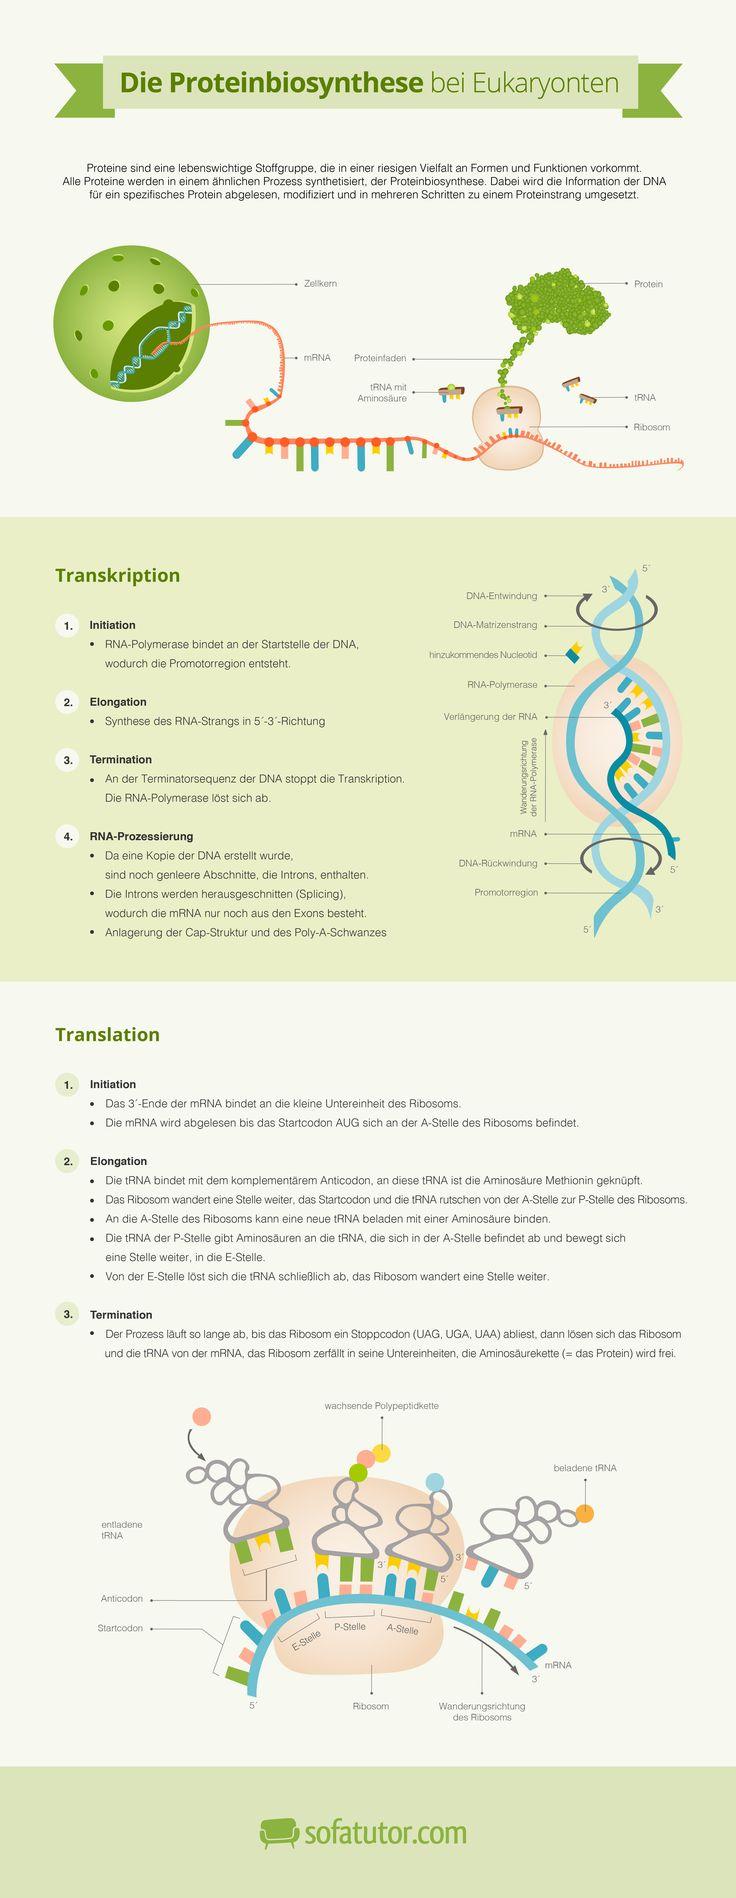 """Biologie Abitur 2015: sicher lernen und auf die Abi-Prüfung in Bio vorbereiten mit der Infografik zum Abitur-Thema """"Die Proteinbiosynthese bei Eukaryonten"""" (http://magazin.sofatutor.com/schueler/)"""